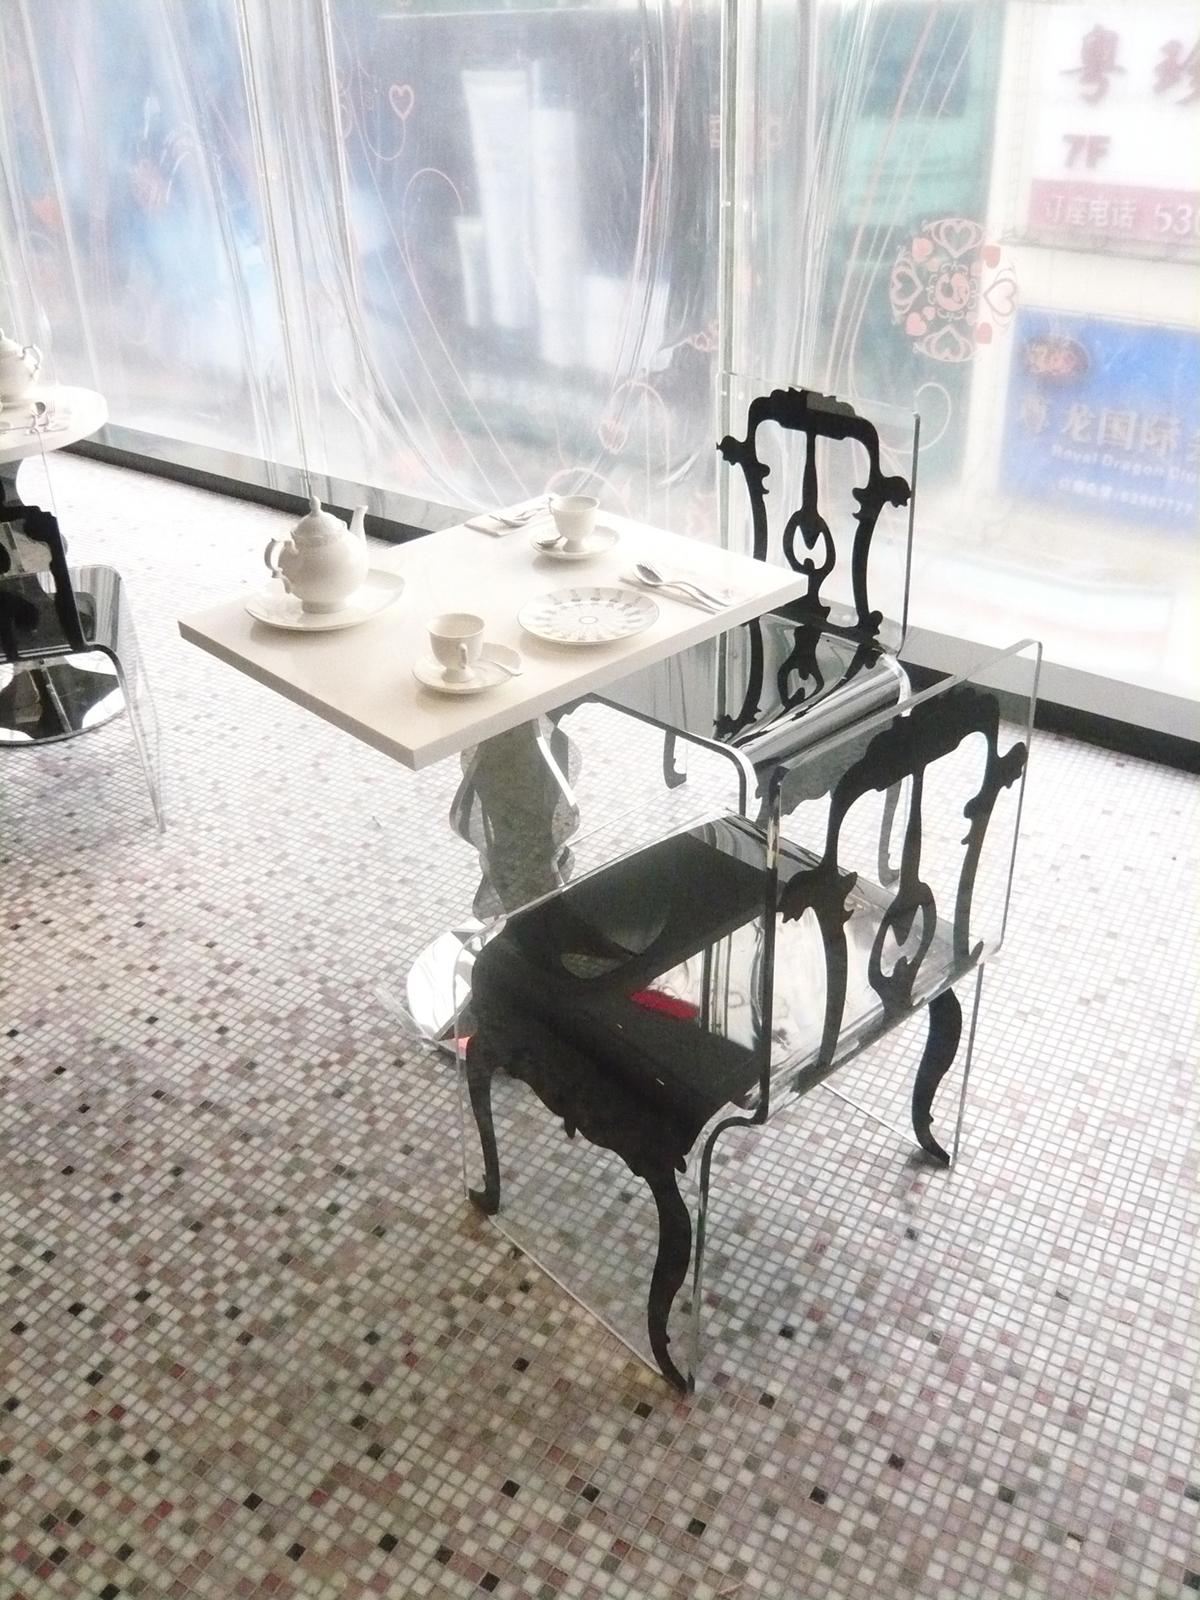 table_chair copy.jpg